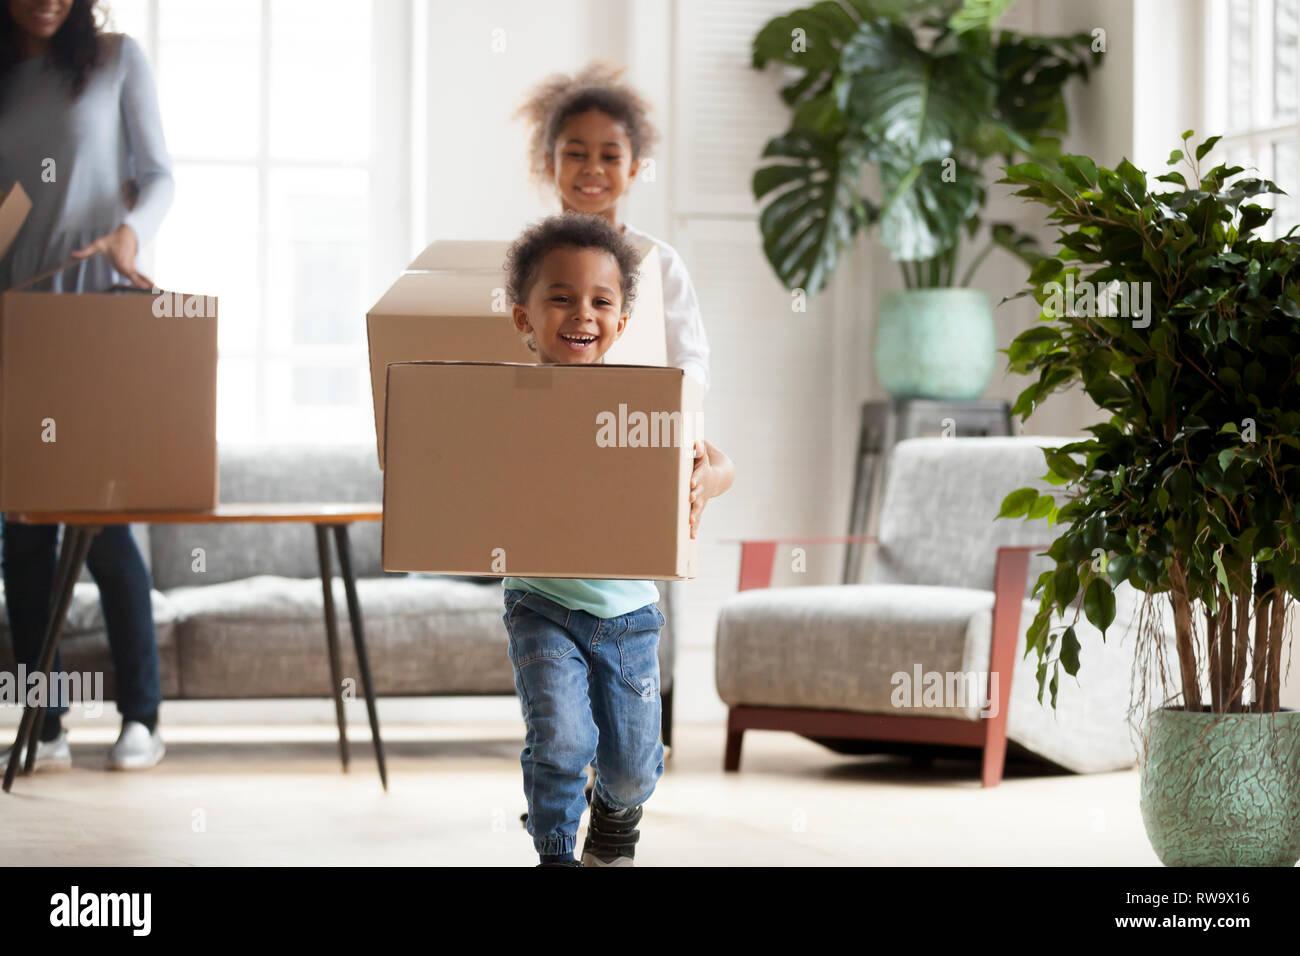 Emozionato piccolo nero kids con scatole happy per spostare in Immagini Stock